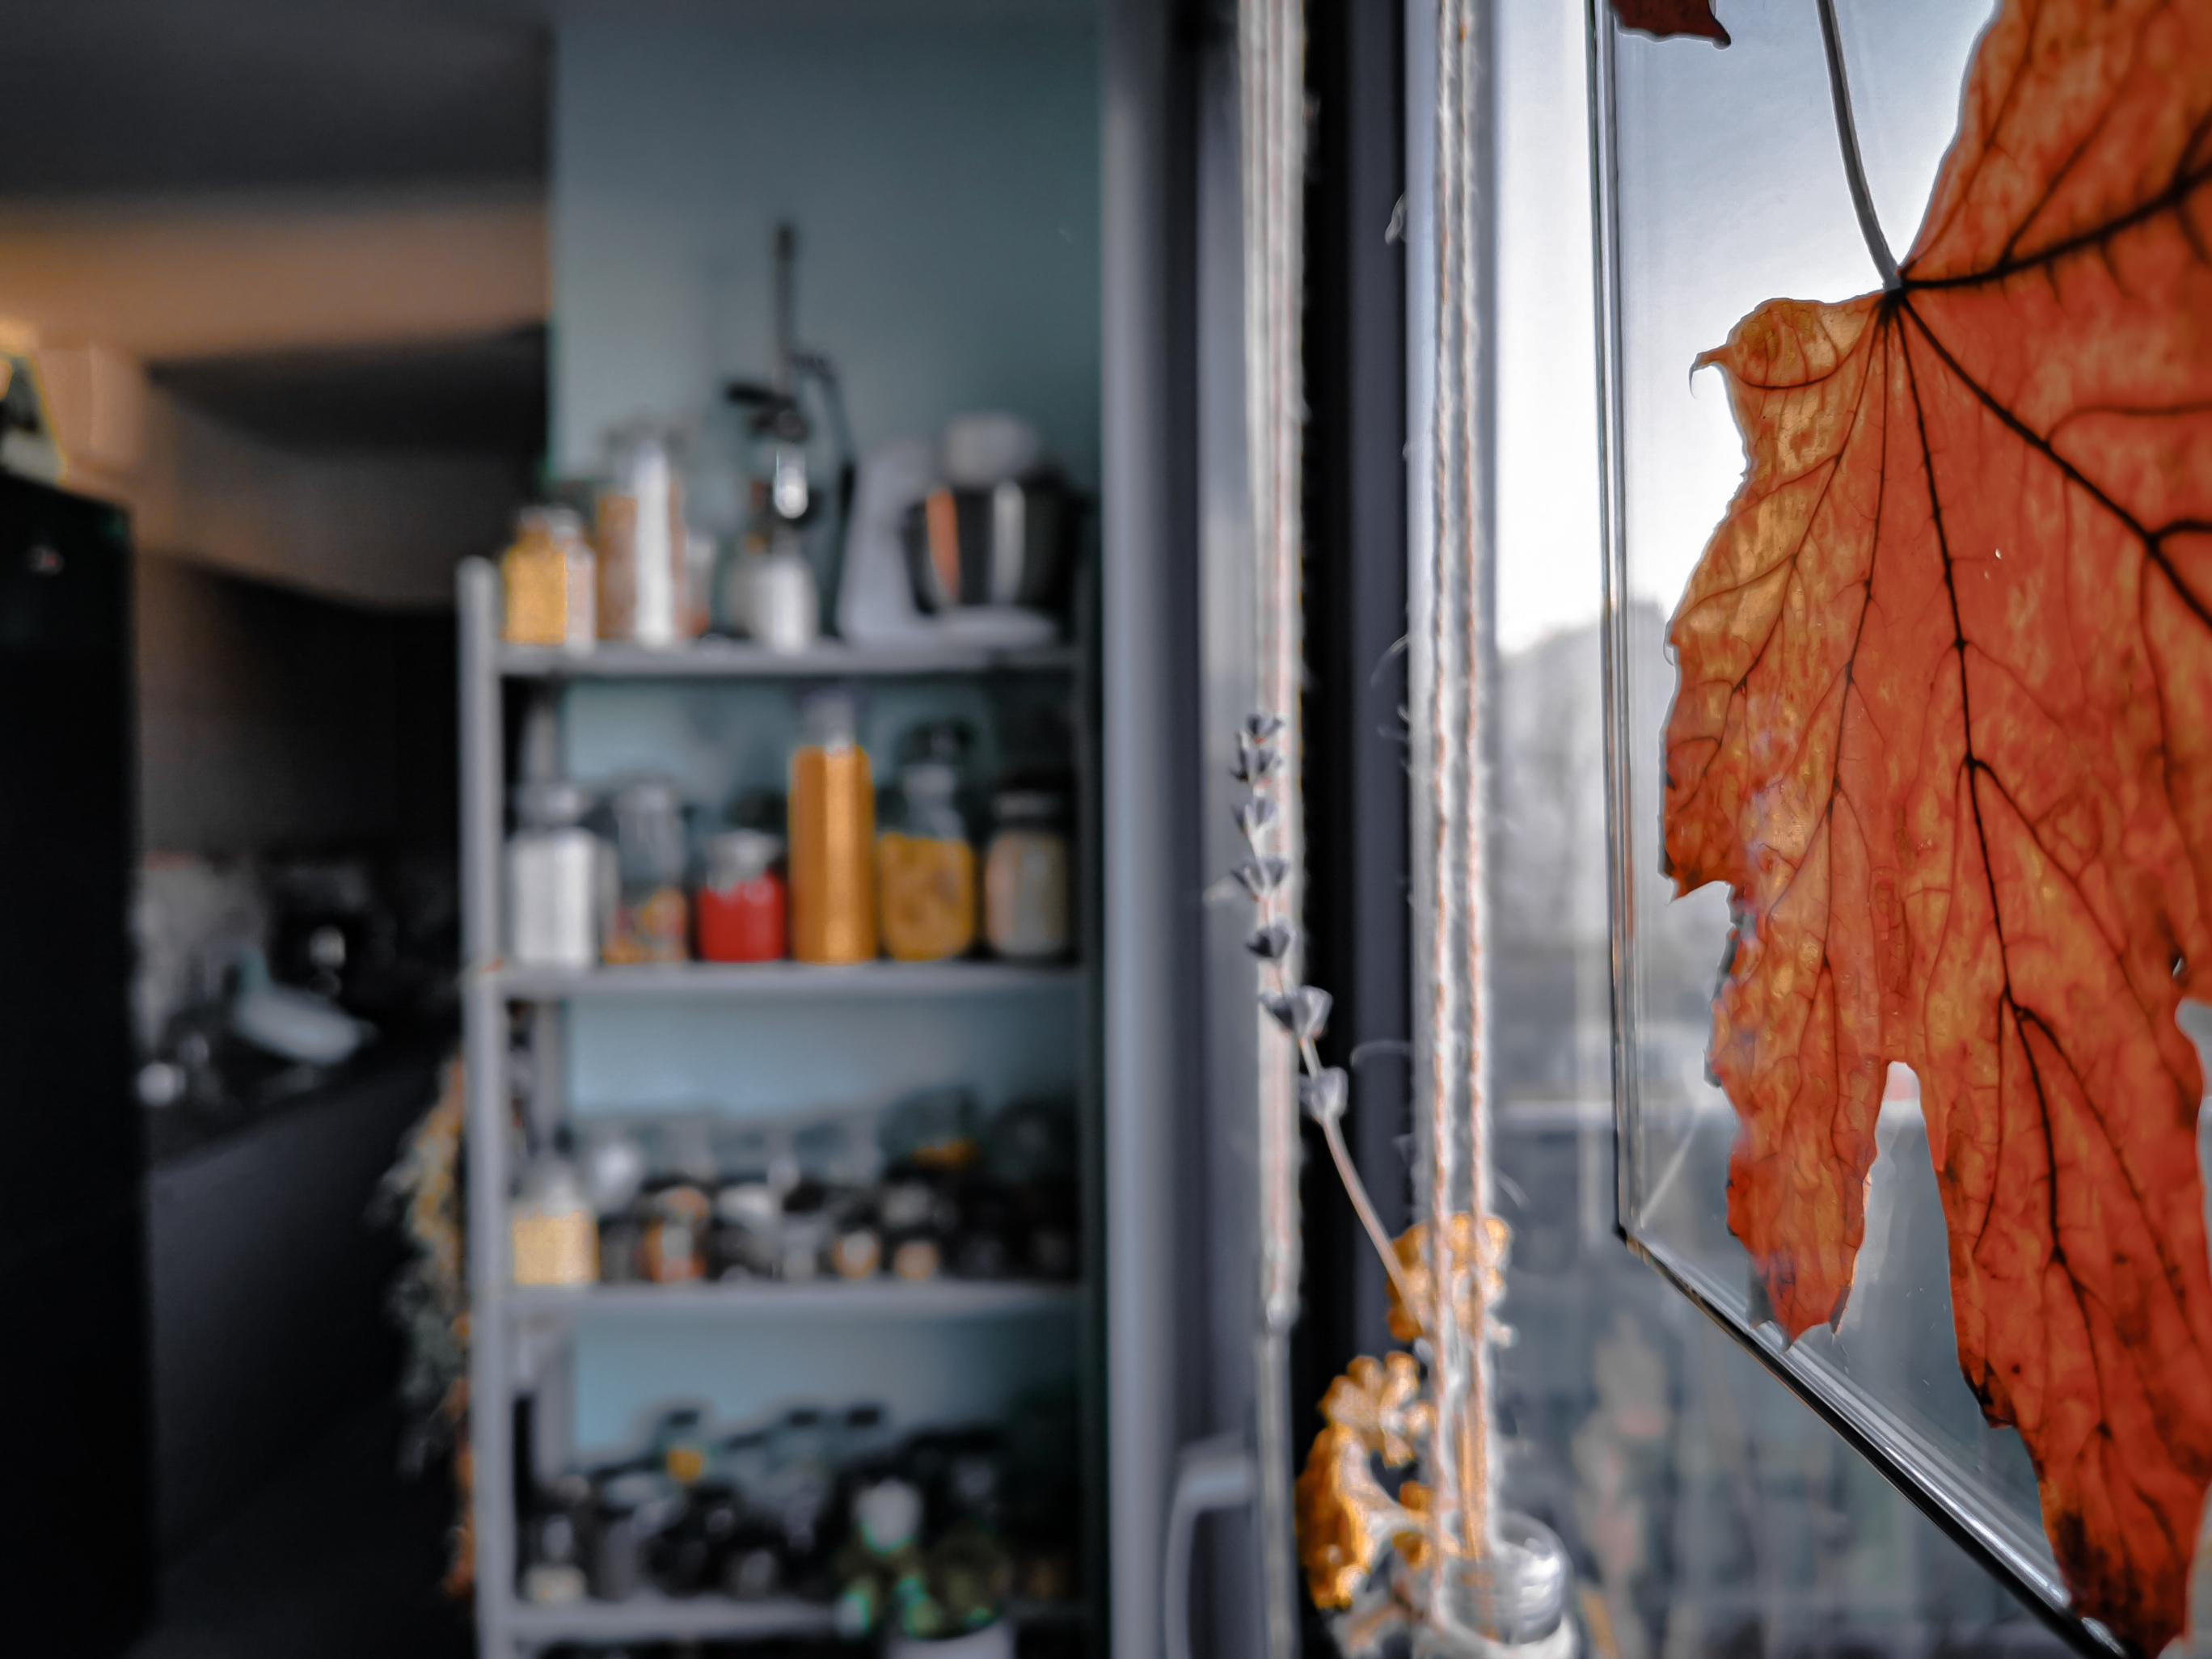 IMG 20200208 154402 resized 20200608 103427832 - Projekt Vorzimmer: 11 DIY-Ideen an einem Ort